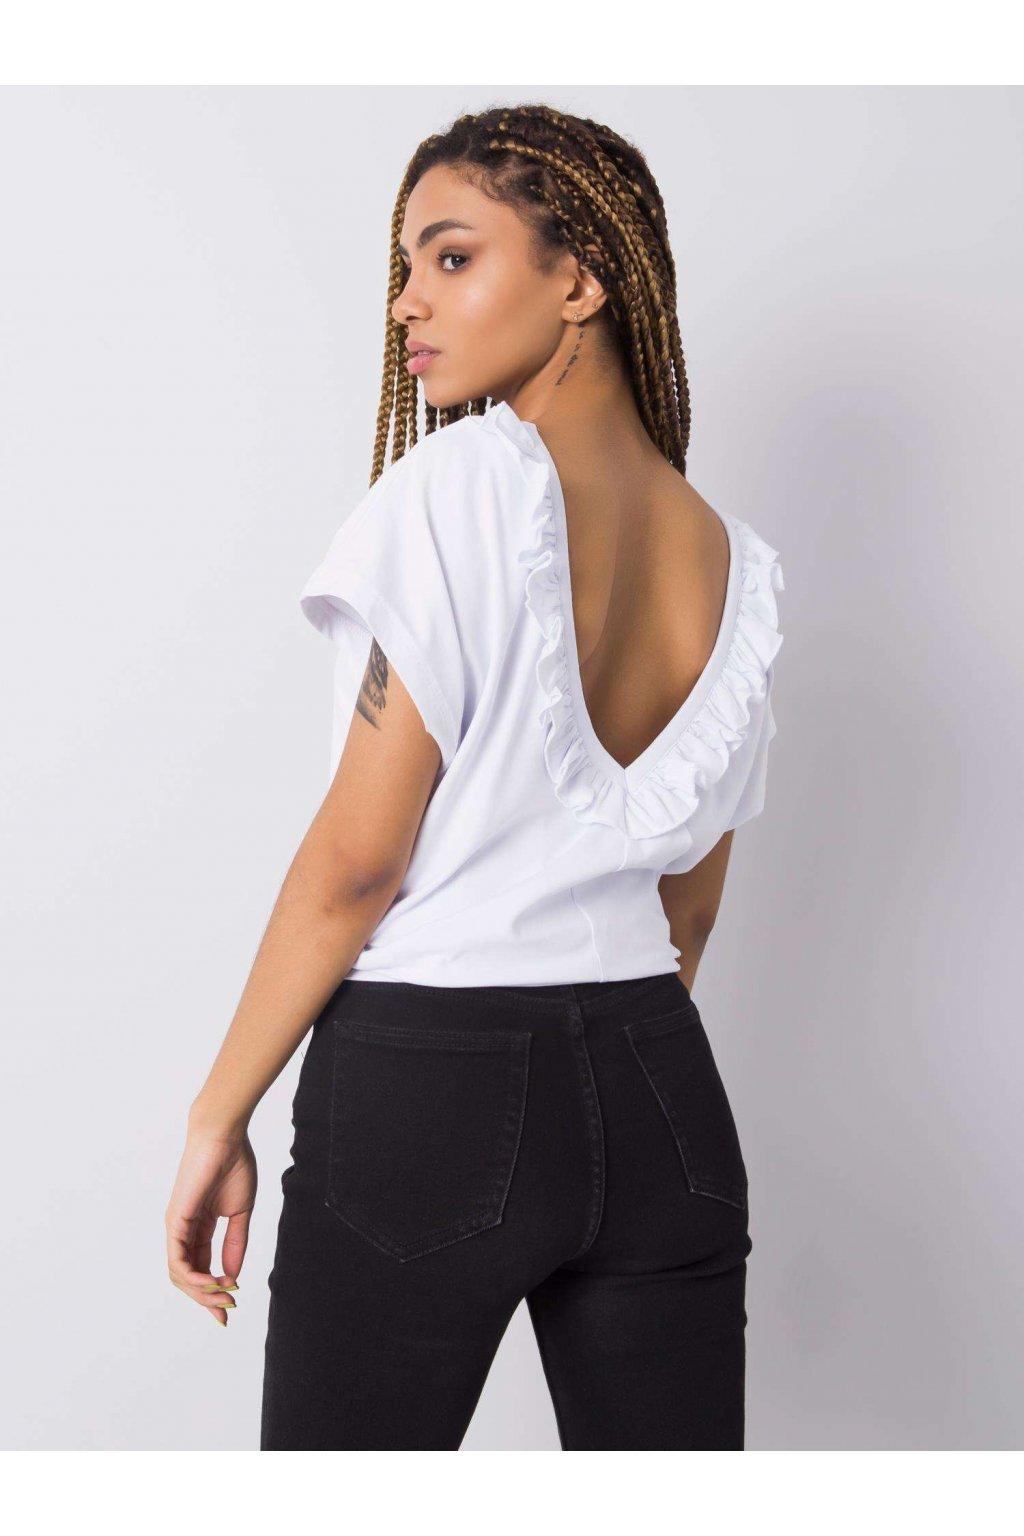 pol pl Biala bluzka z falbankami Leanne 363353 1